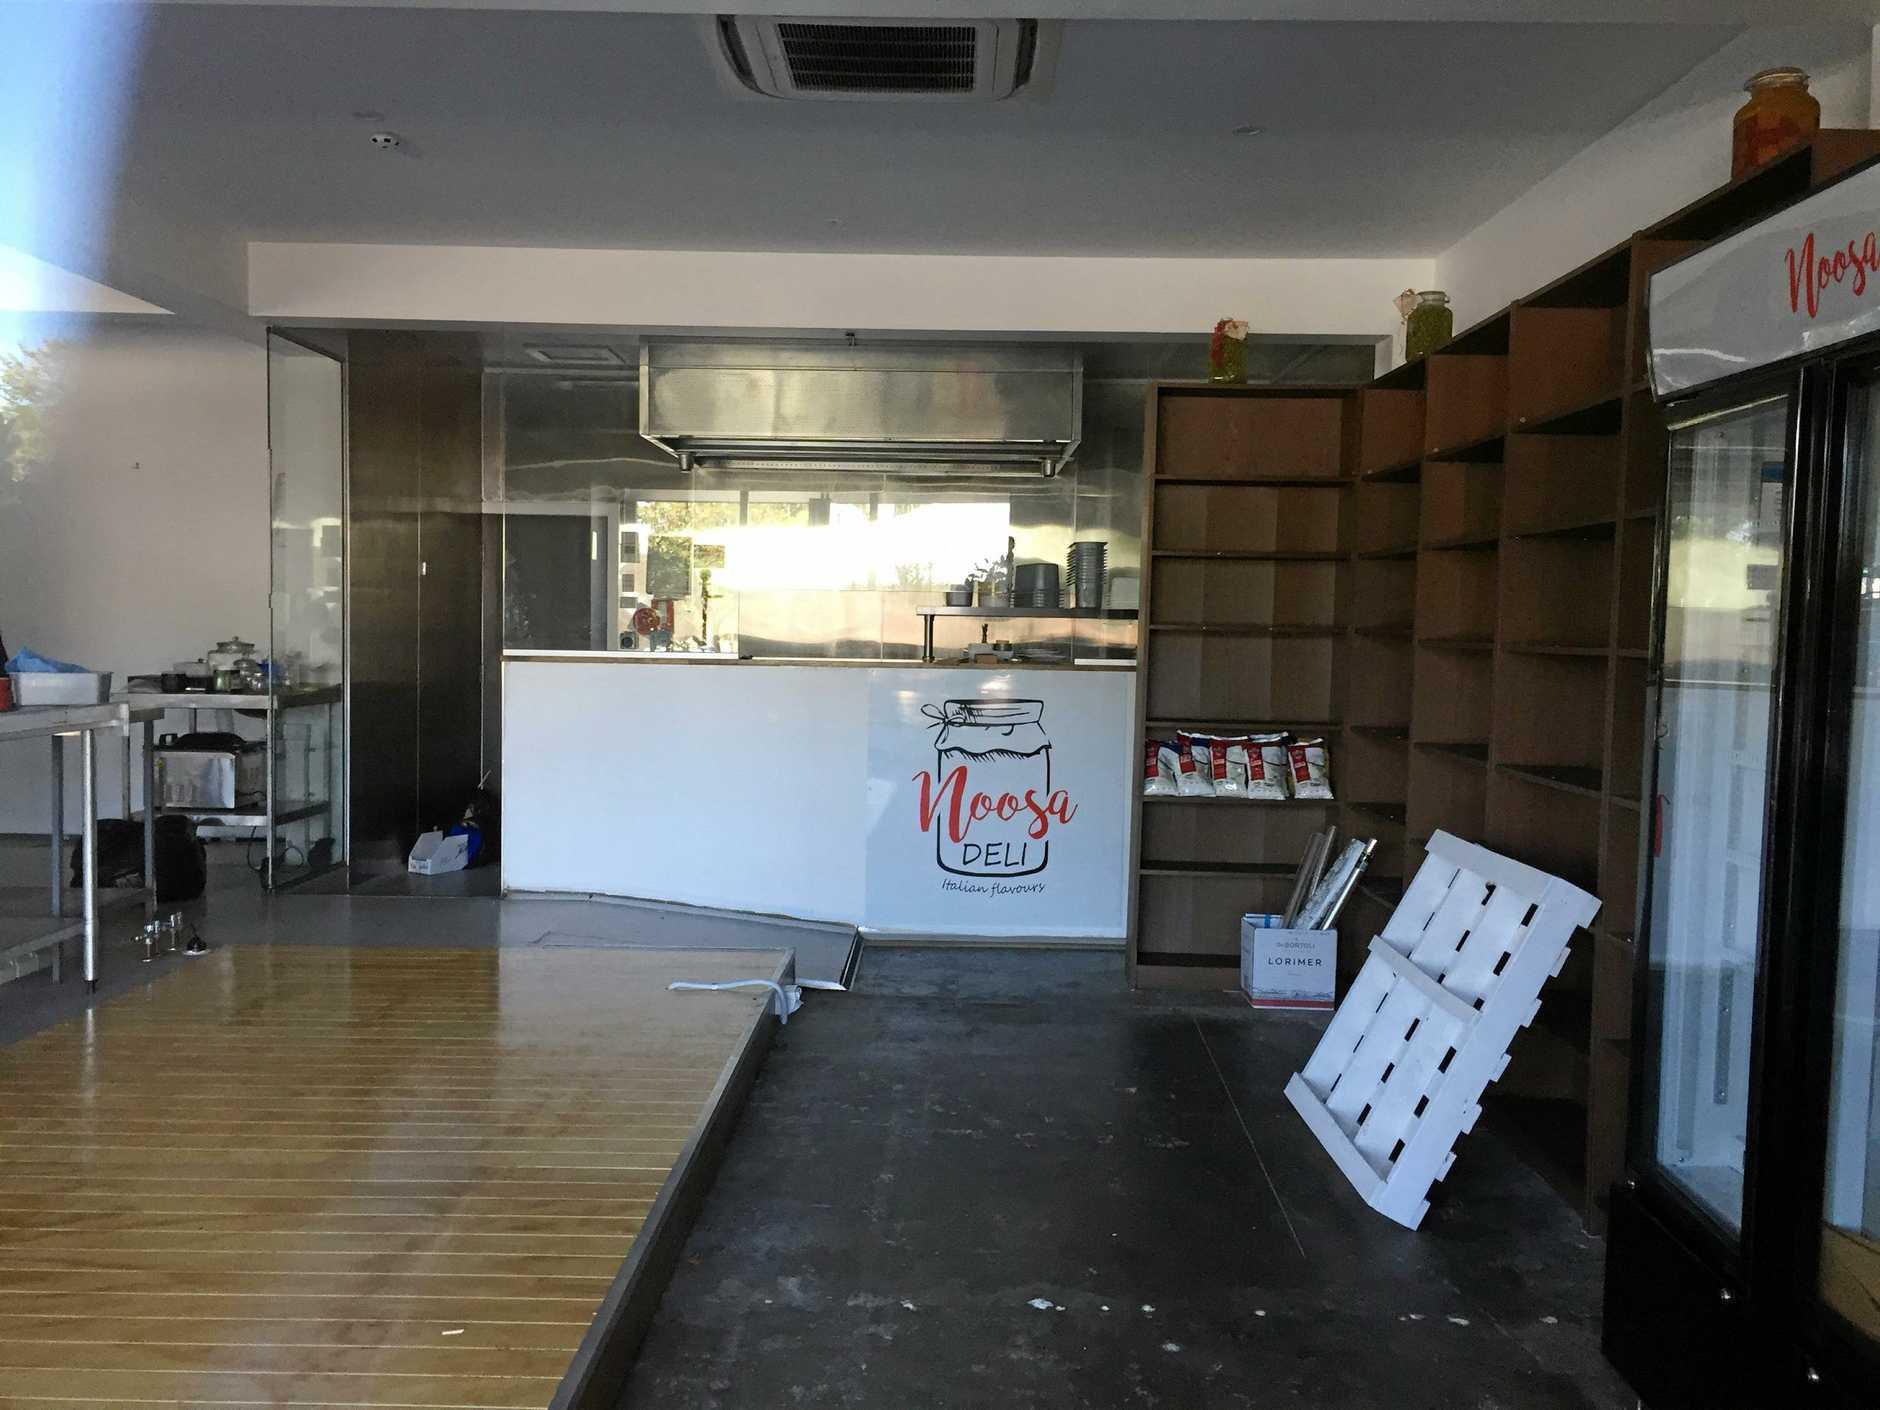 Noosa Deli closed down on July 9.